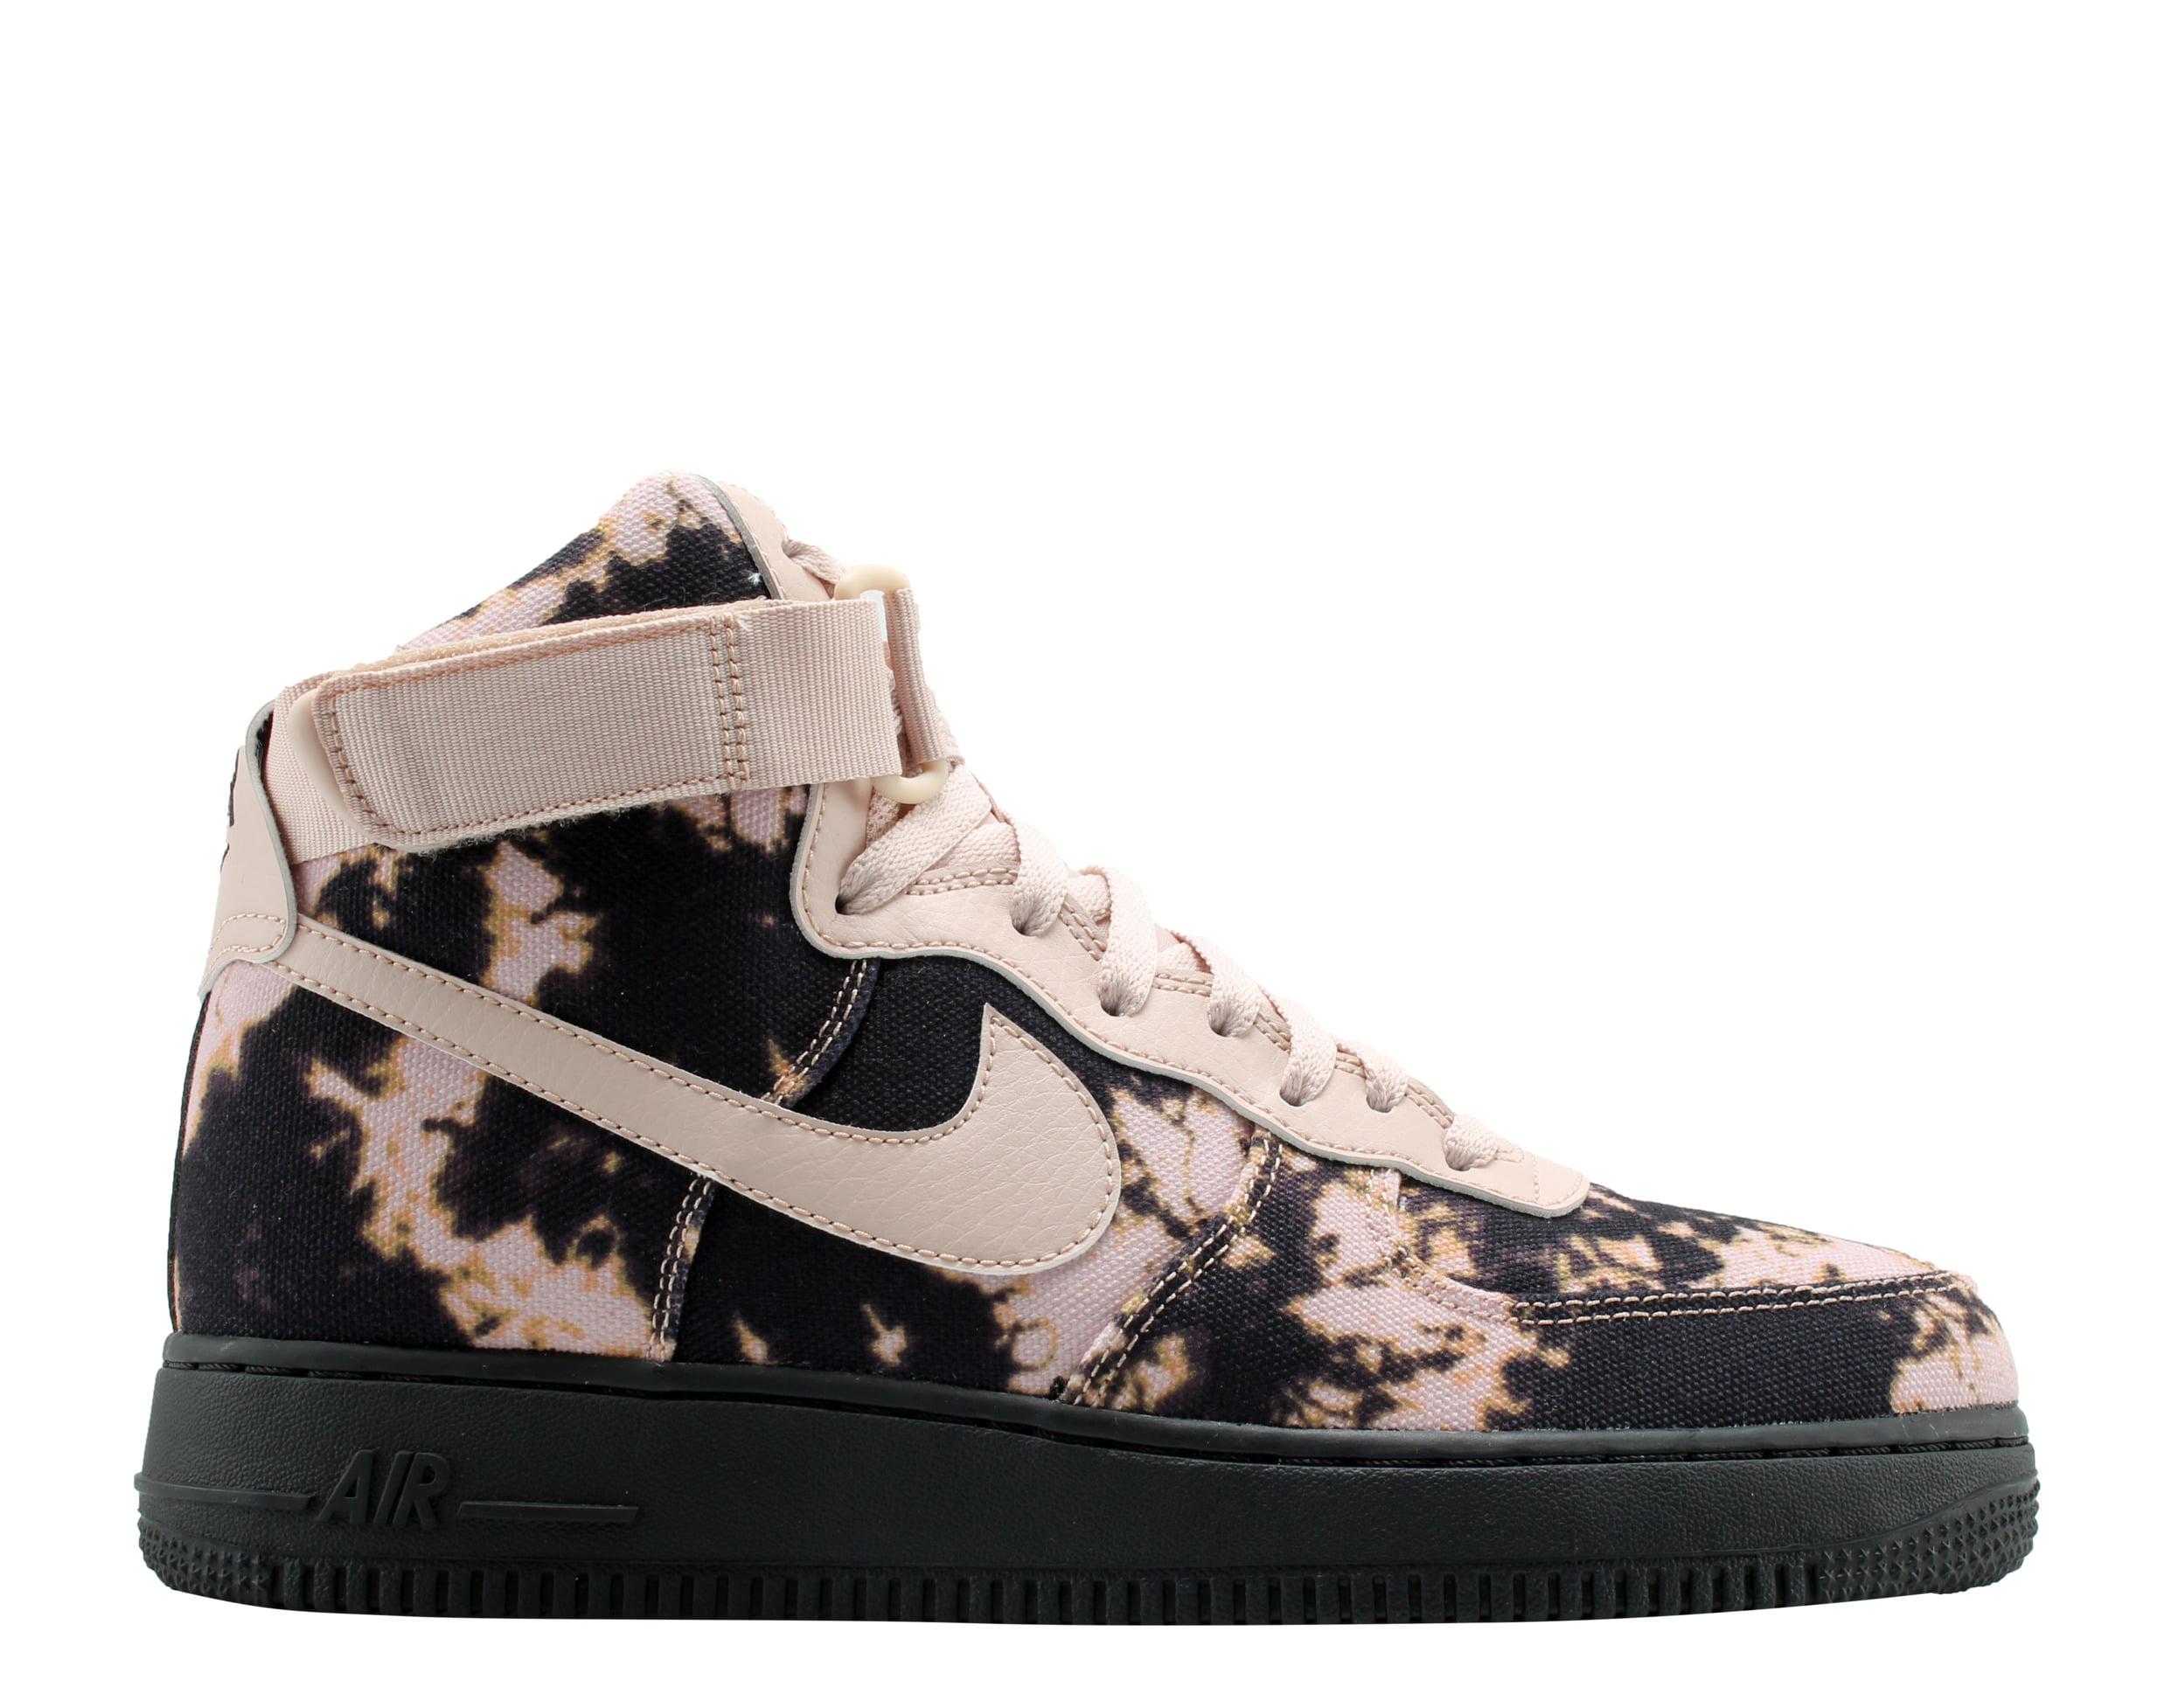 Nike Air Force 1 High Print Black/Beige